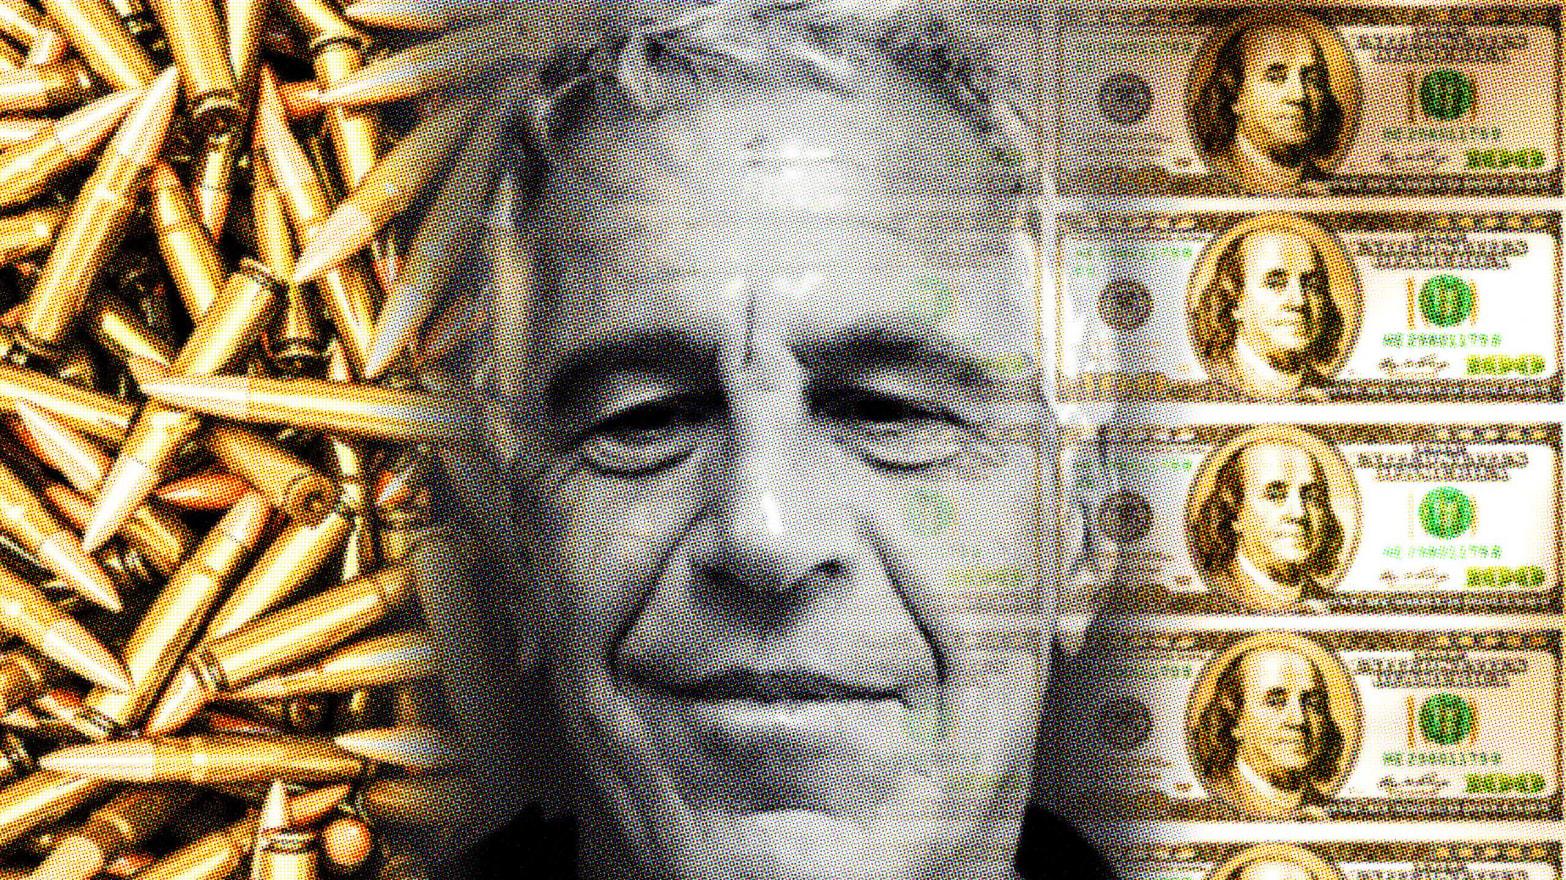 I Tried to Warn You About Sleazy Billionaire Jeffrey Epstein in 2003